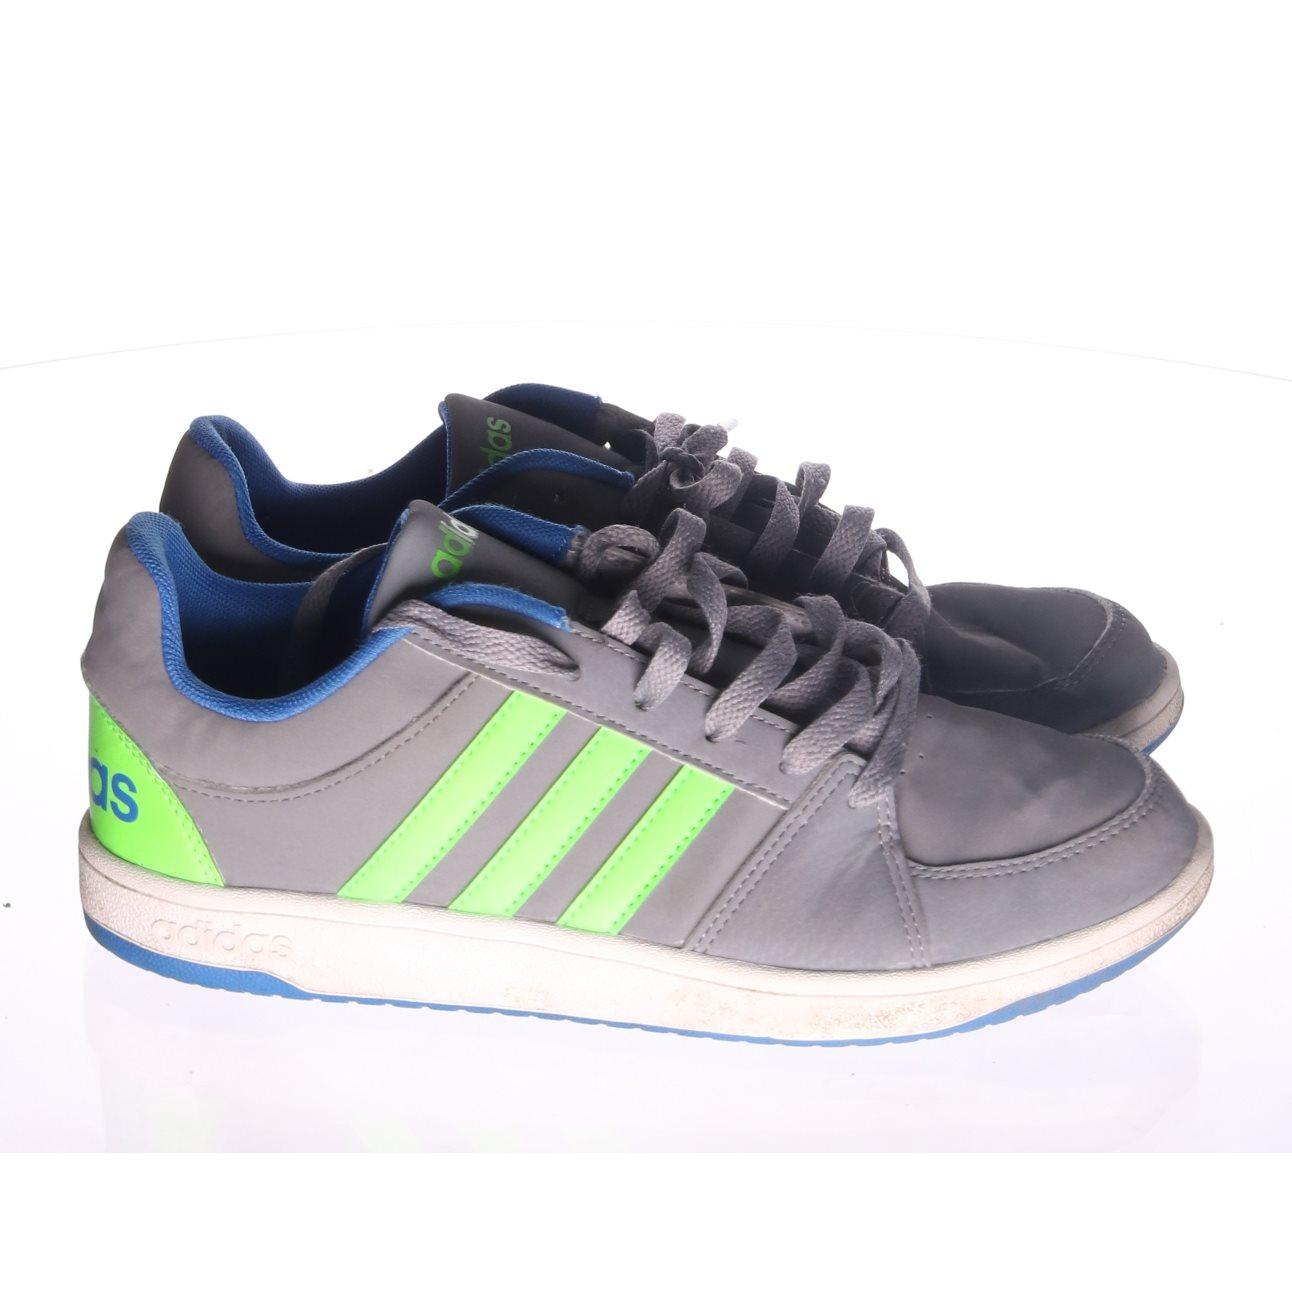 the best attitude 2d445 db64f ... switzerland adidas neo sneakers strl 38 2 3 grå grön bd2cf 366f1